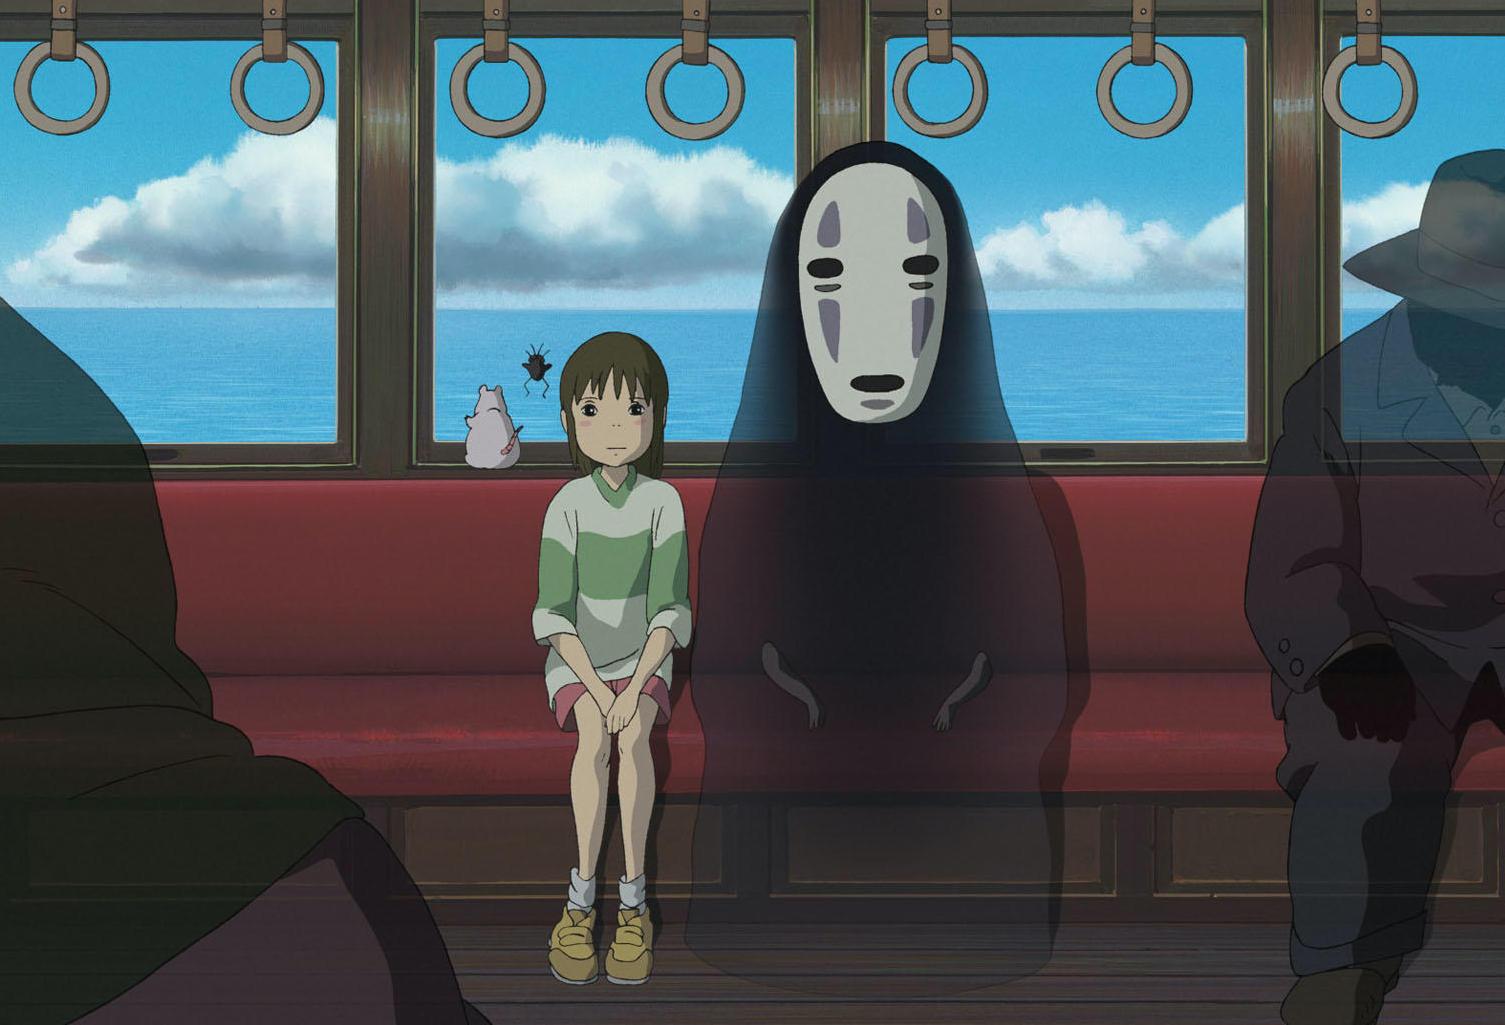 Mengeksplore Film Anime Menarik Terbaru Tahun 2020-2021